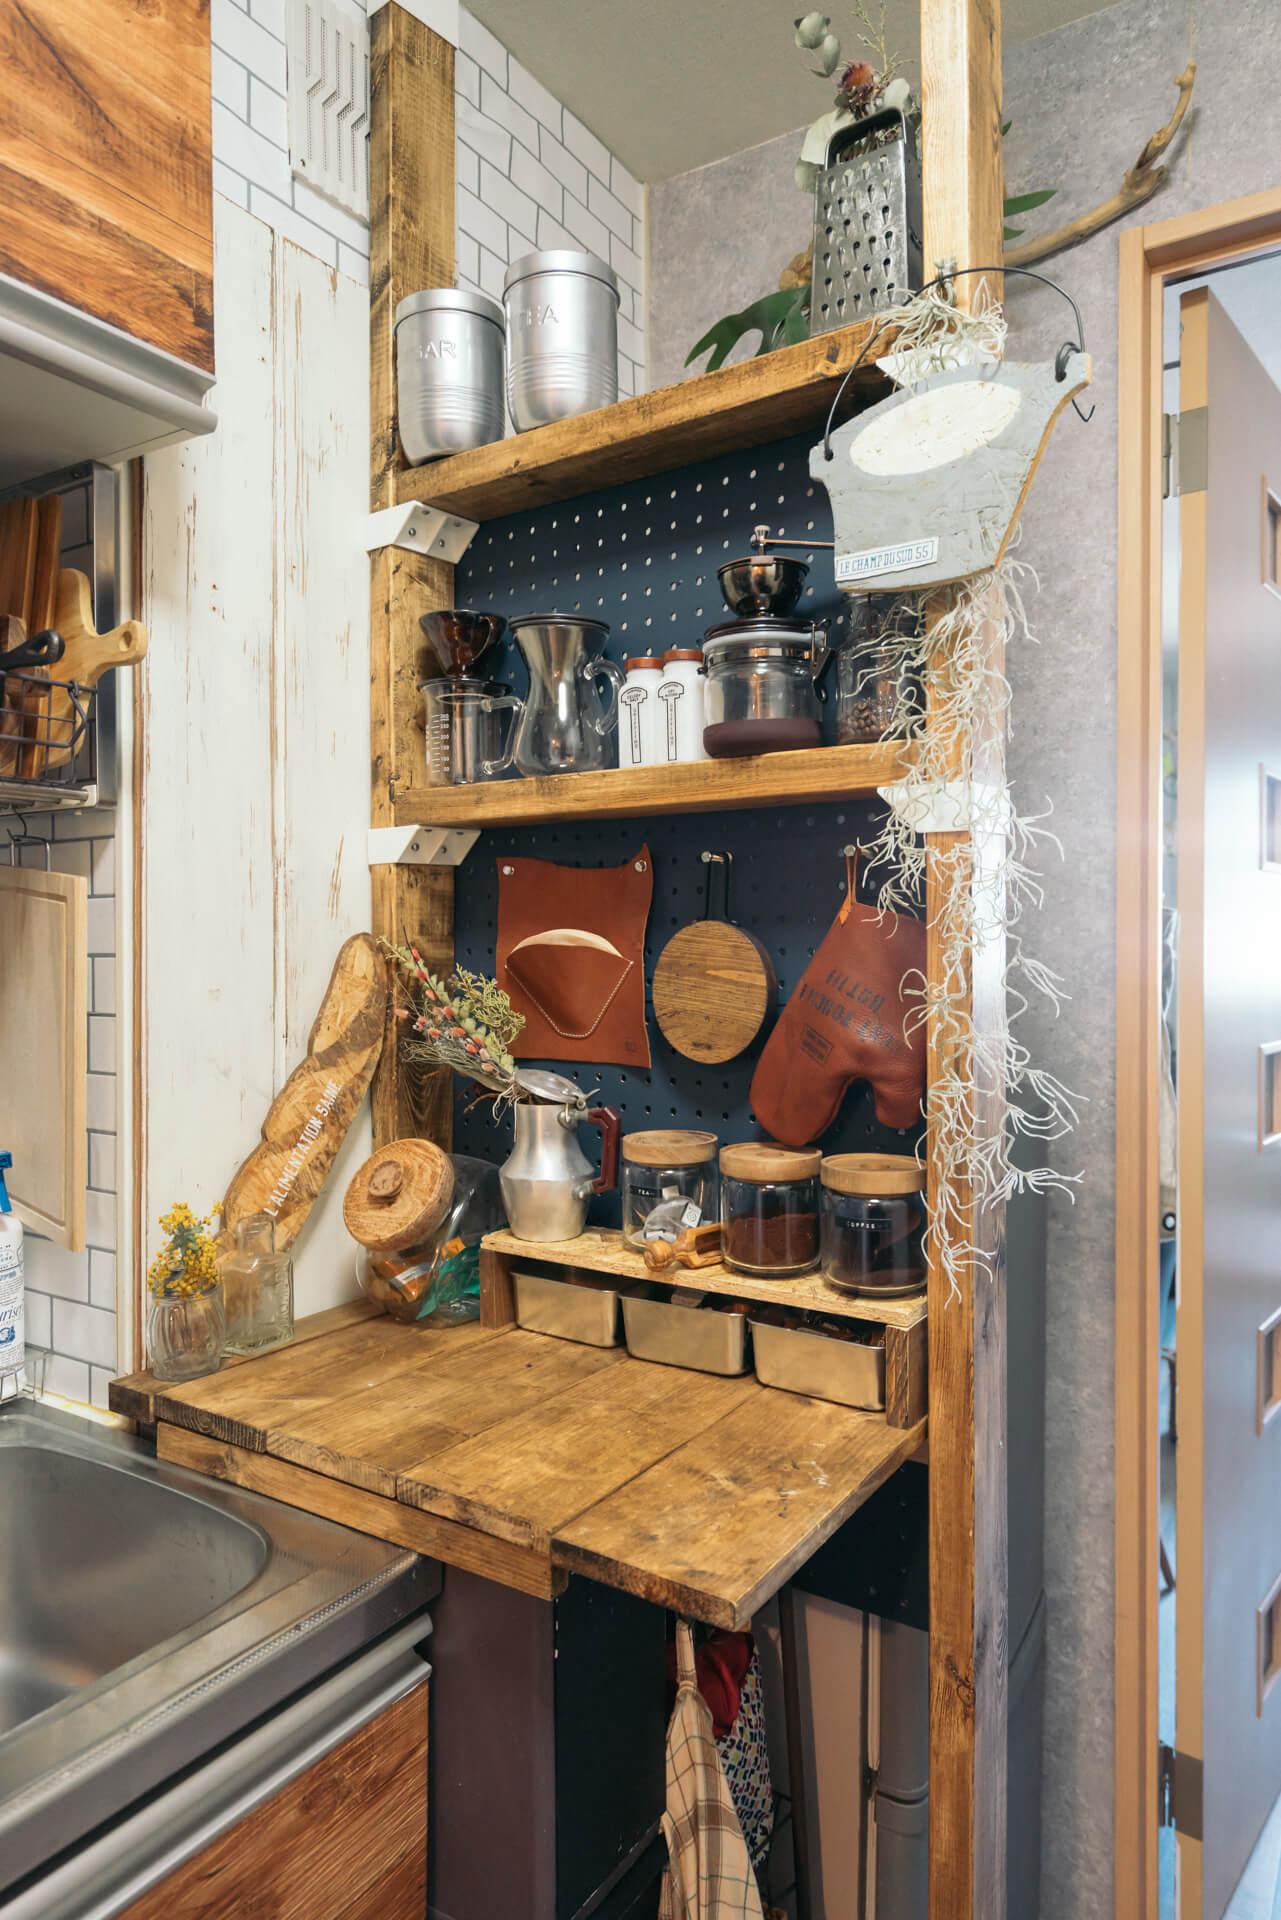 生活感の出やすい冷蔵庫スペースも仕切りをつけることでパントリーのように使えます。